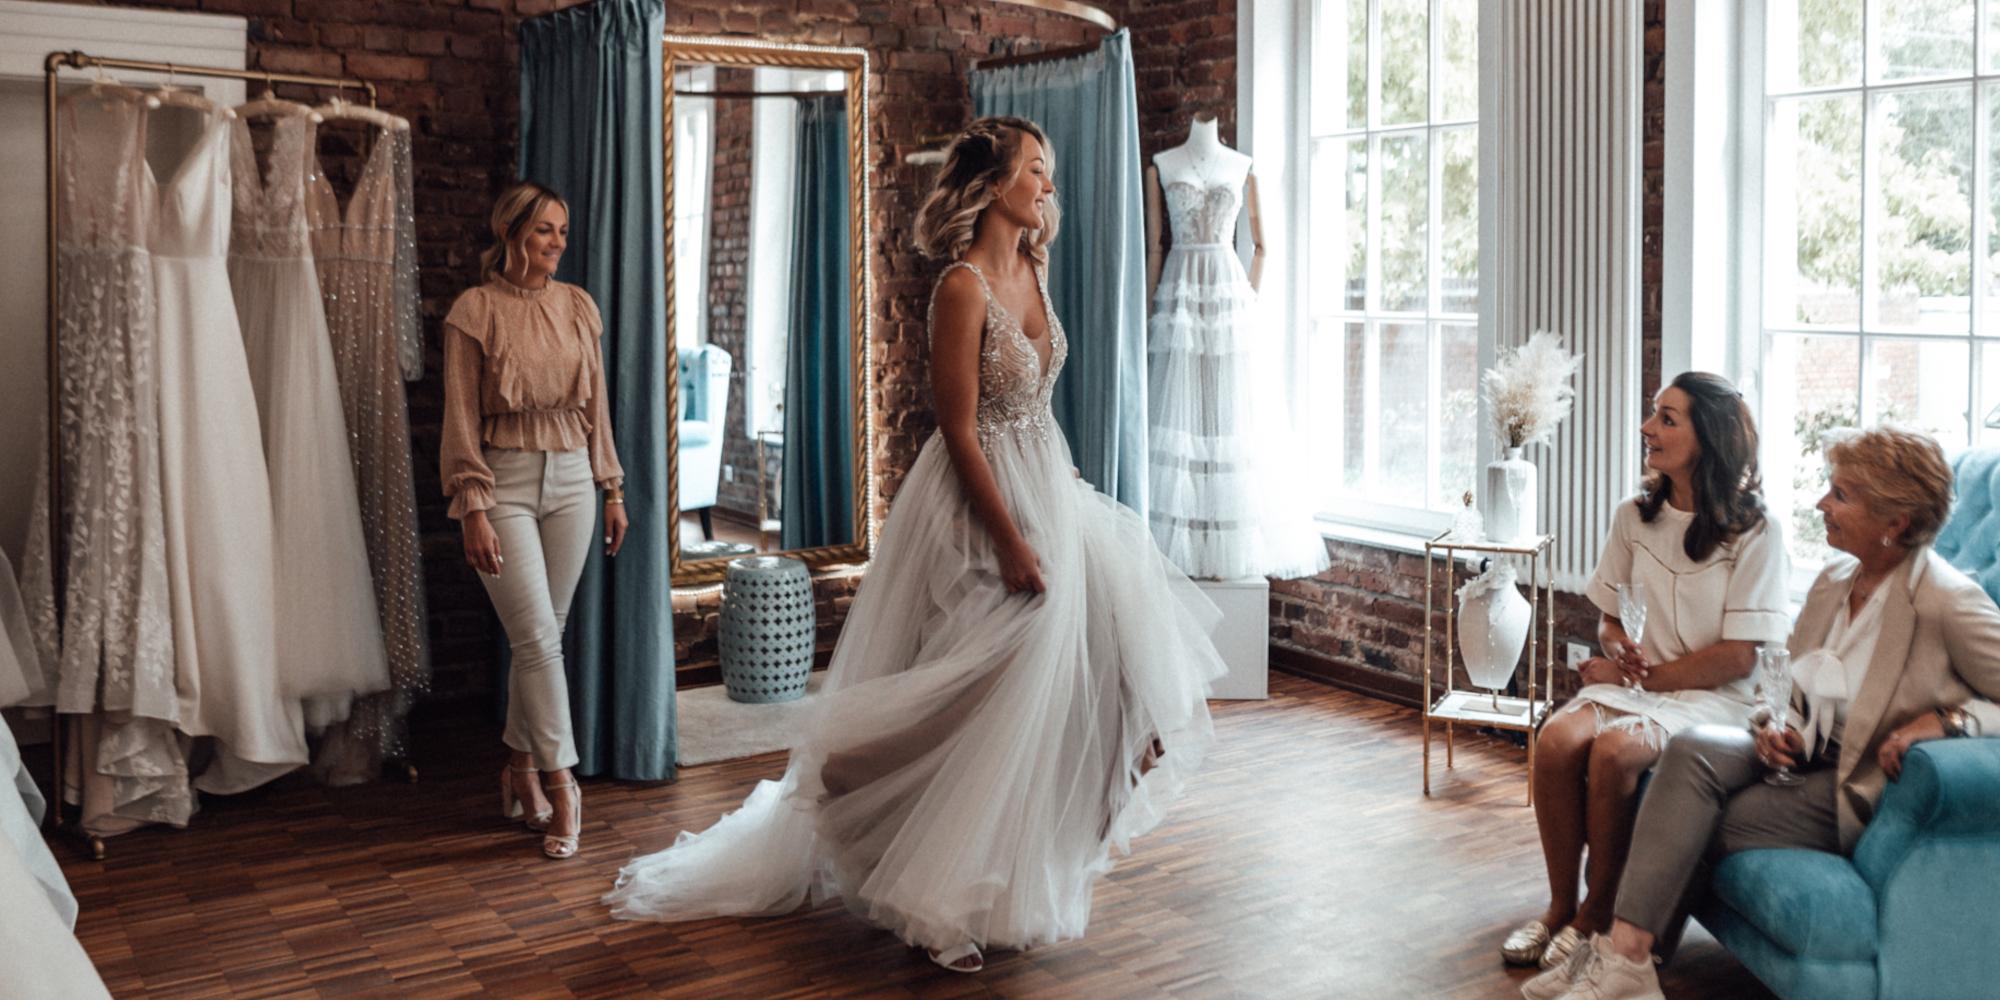 Hintergrundbild der Startseite - Finde dein Brautkleid